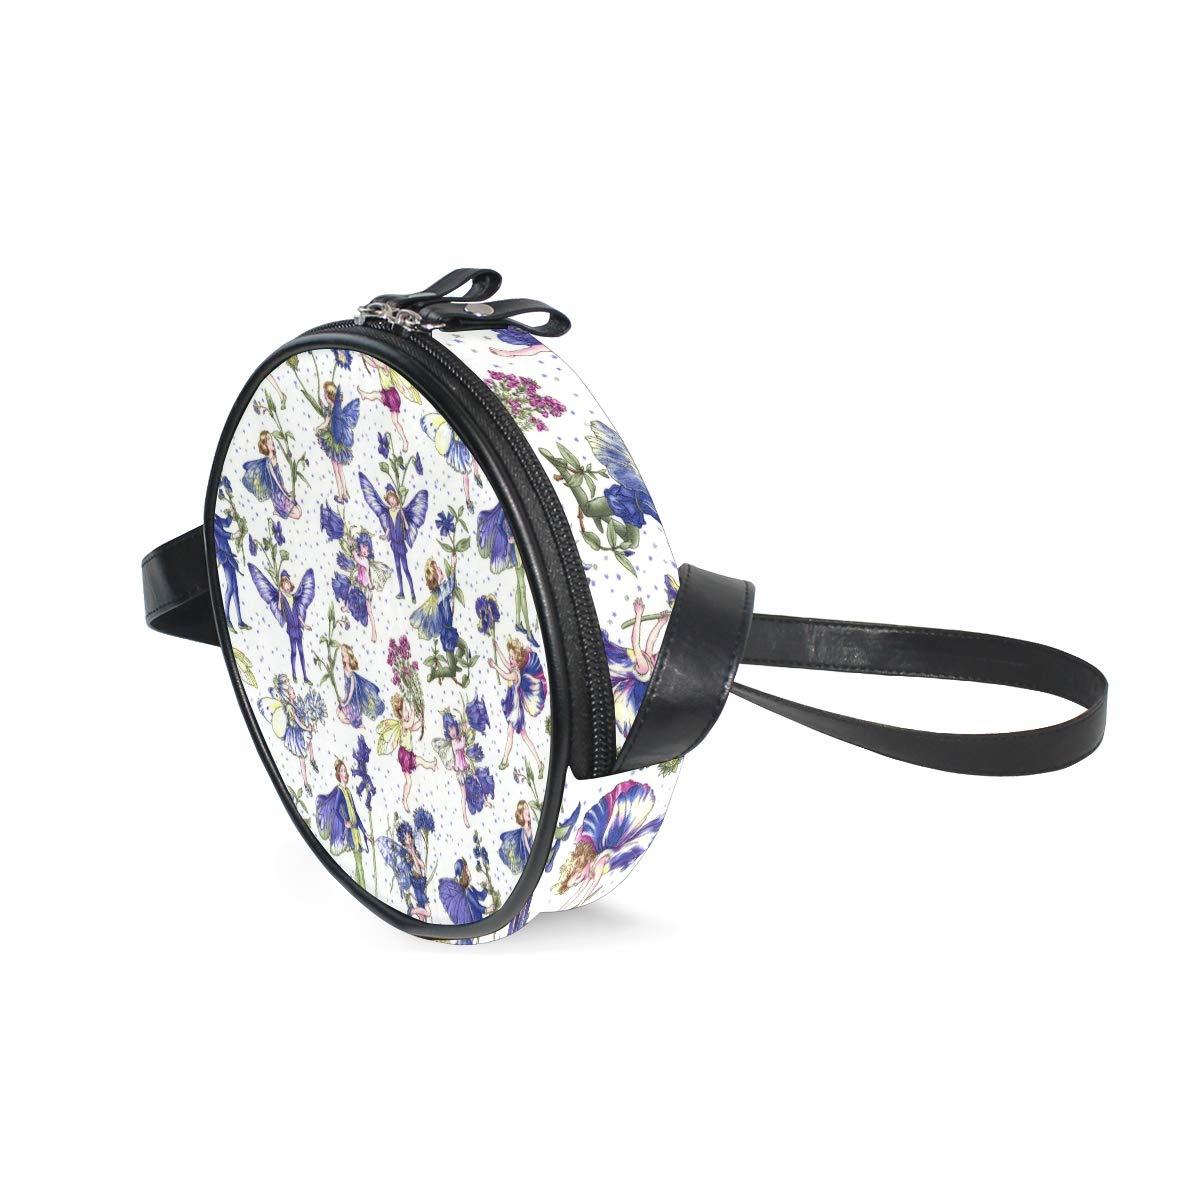 KEAKIA Periwinkle Patterns Round Crossbody Bag Shoulder Sling Bag Handbag Purse Satchel Shoulder Bag for Kids Women